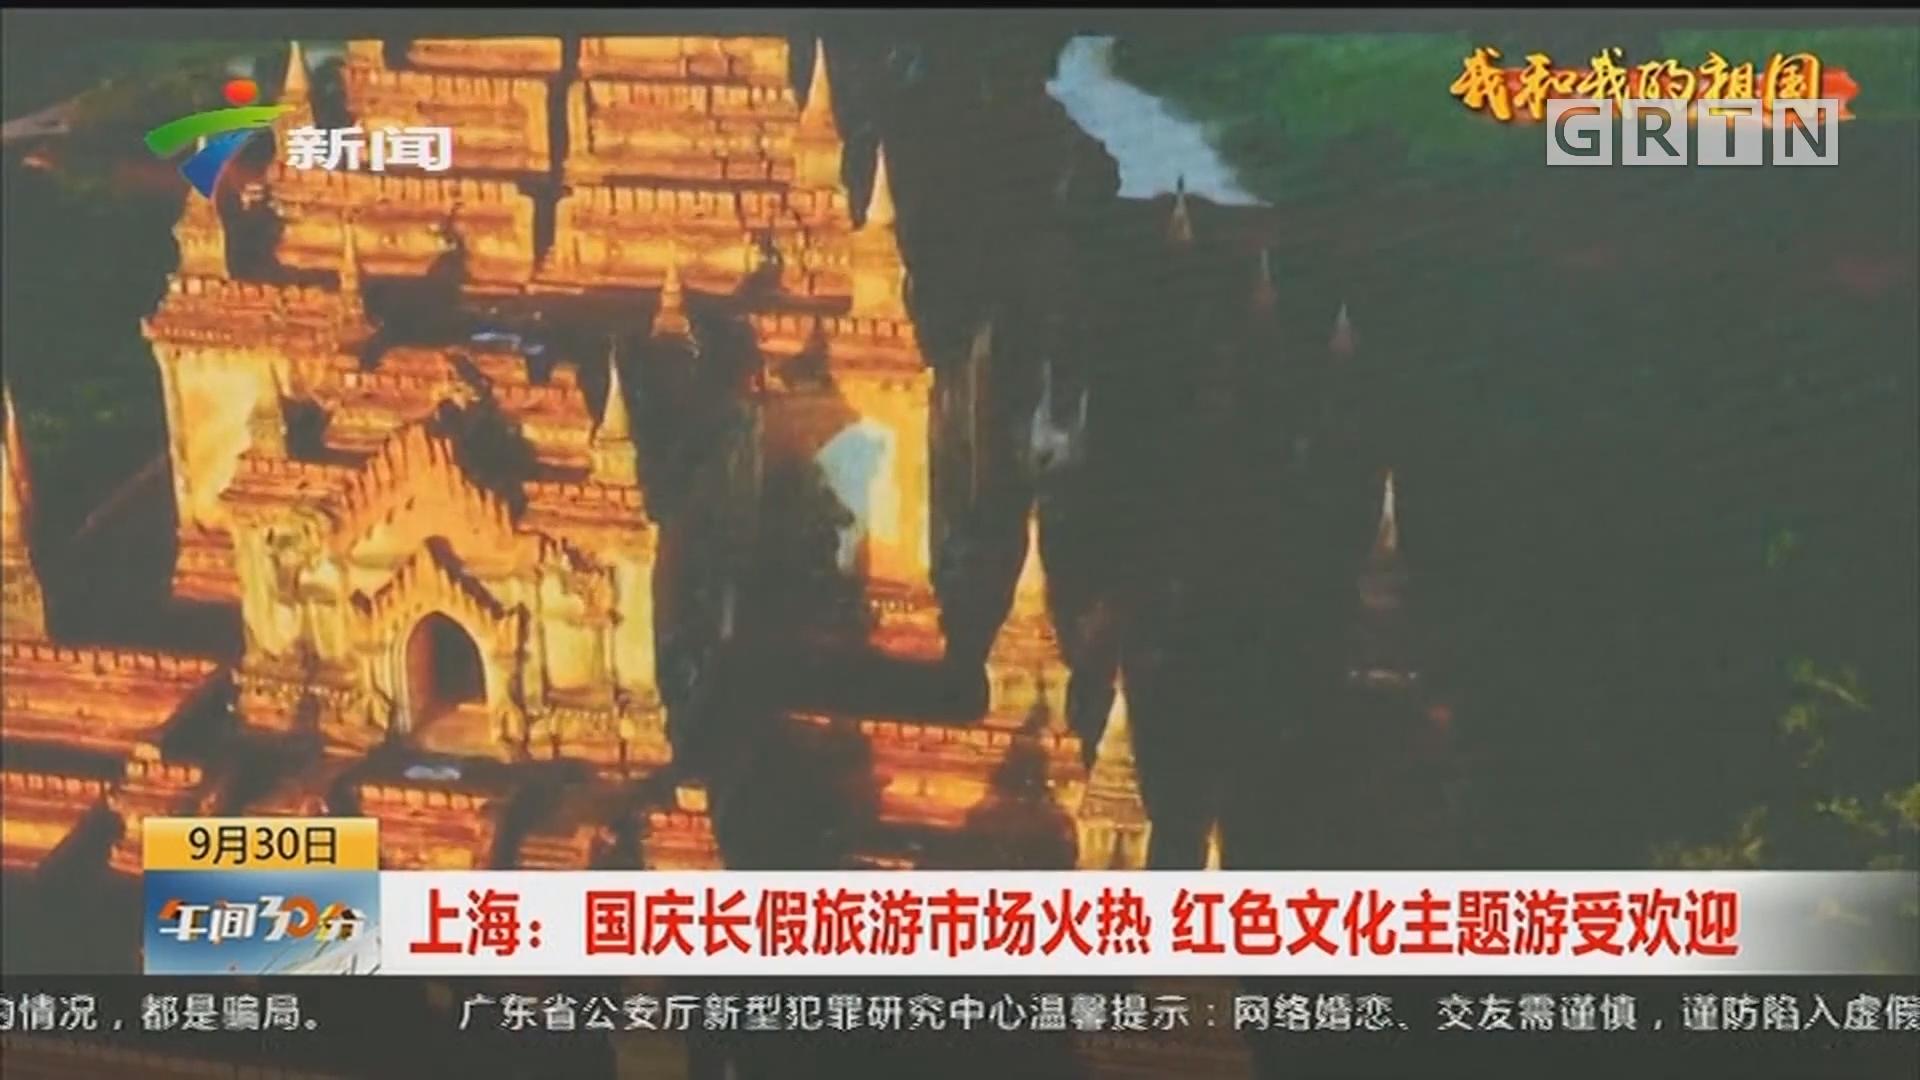 上海:国庆假期旅游市场火热 红色文化主题游受欢迎